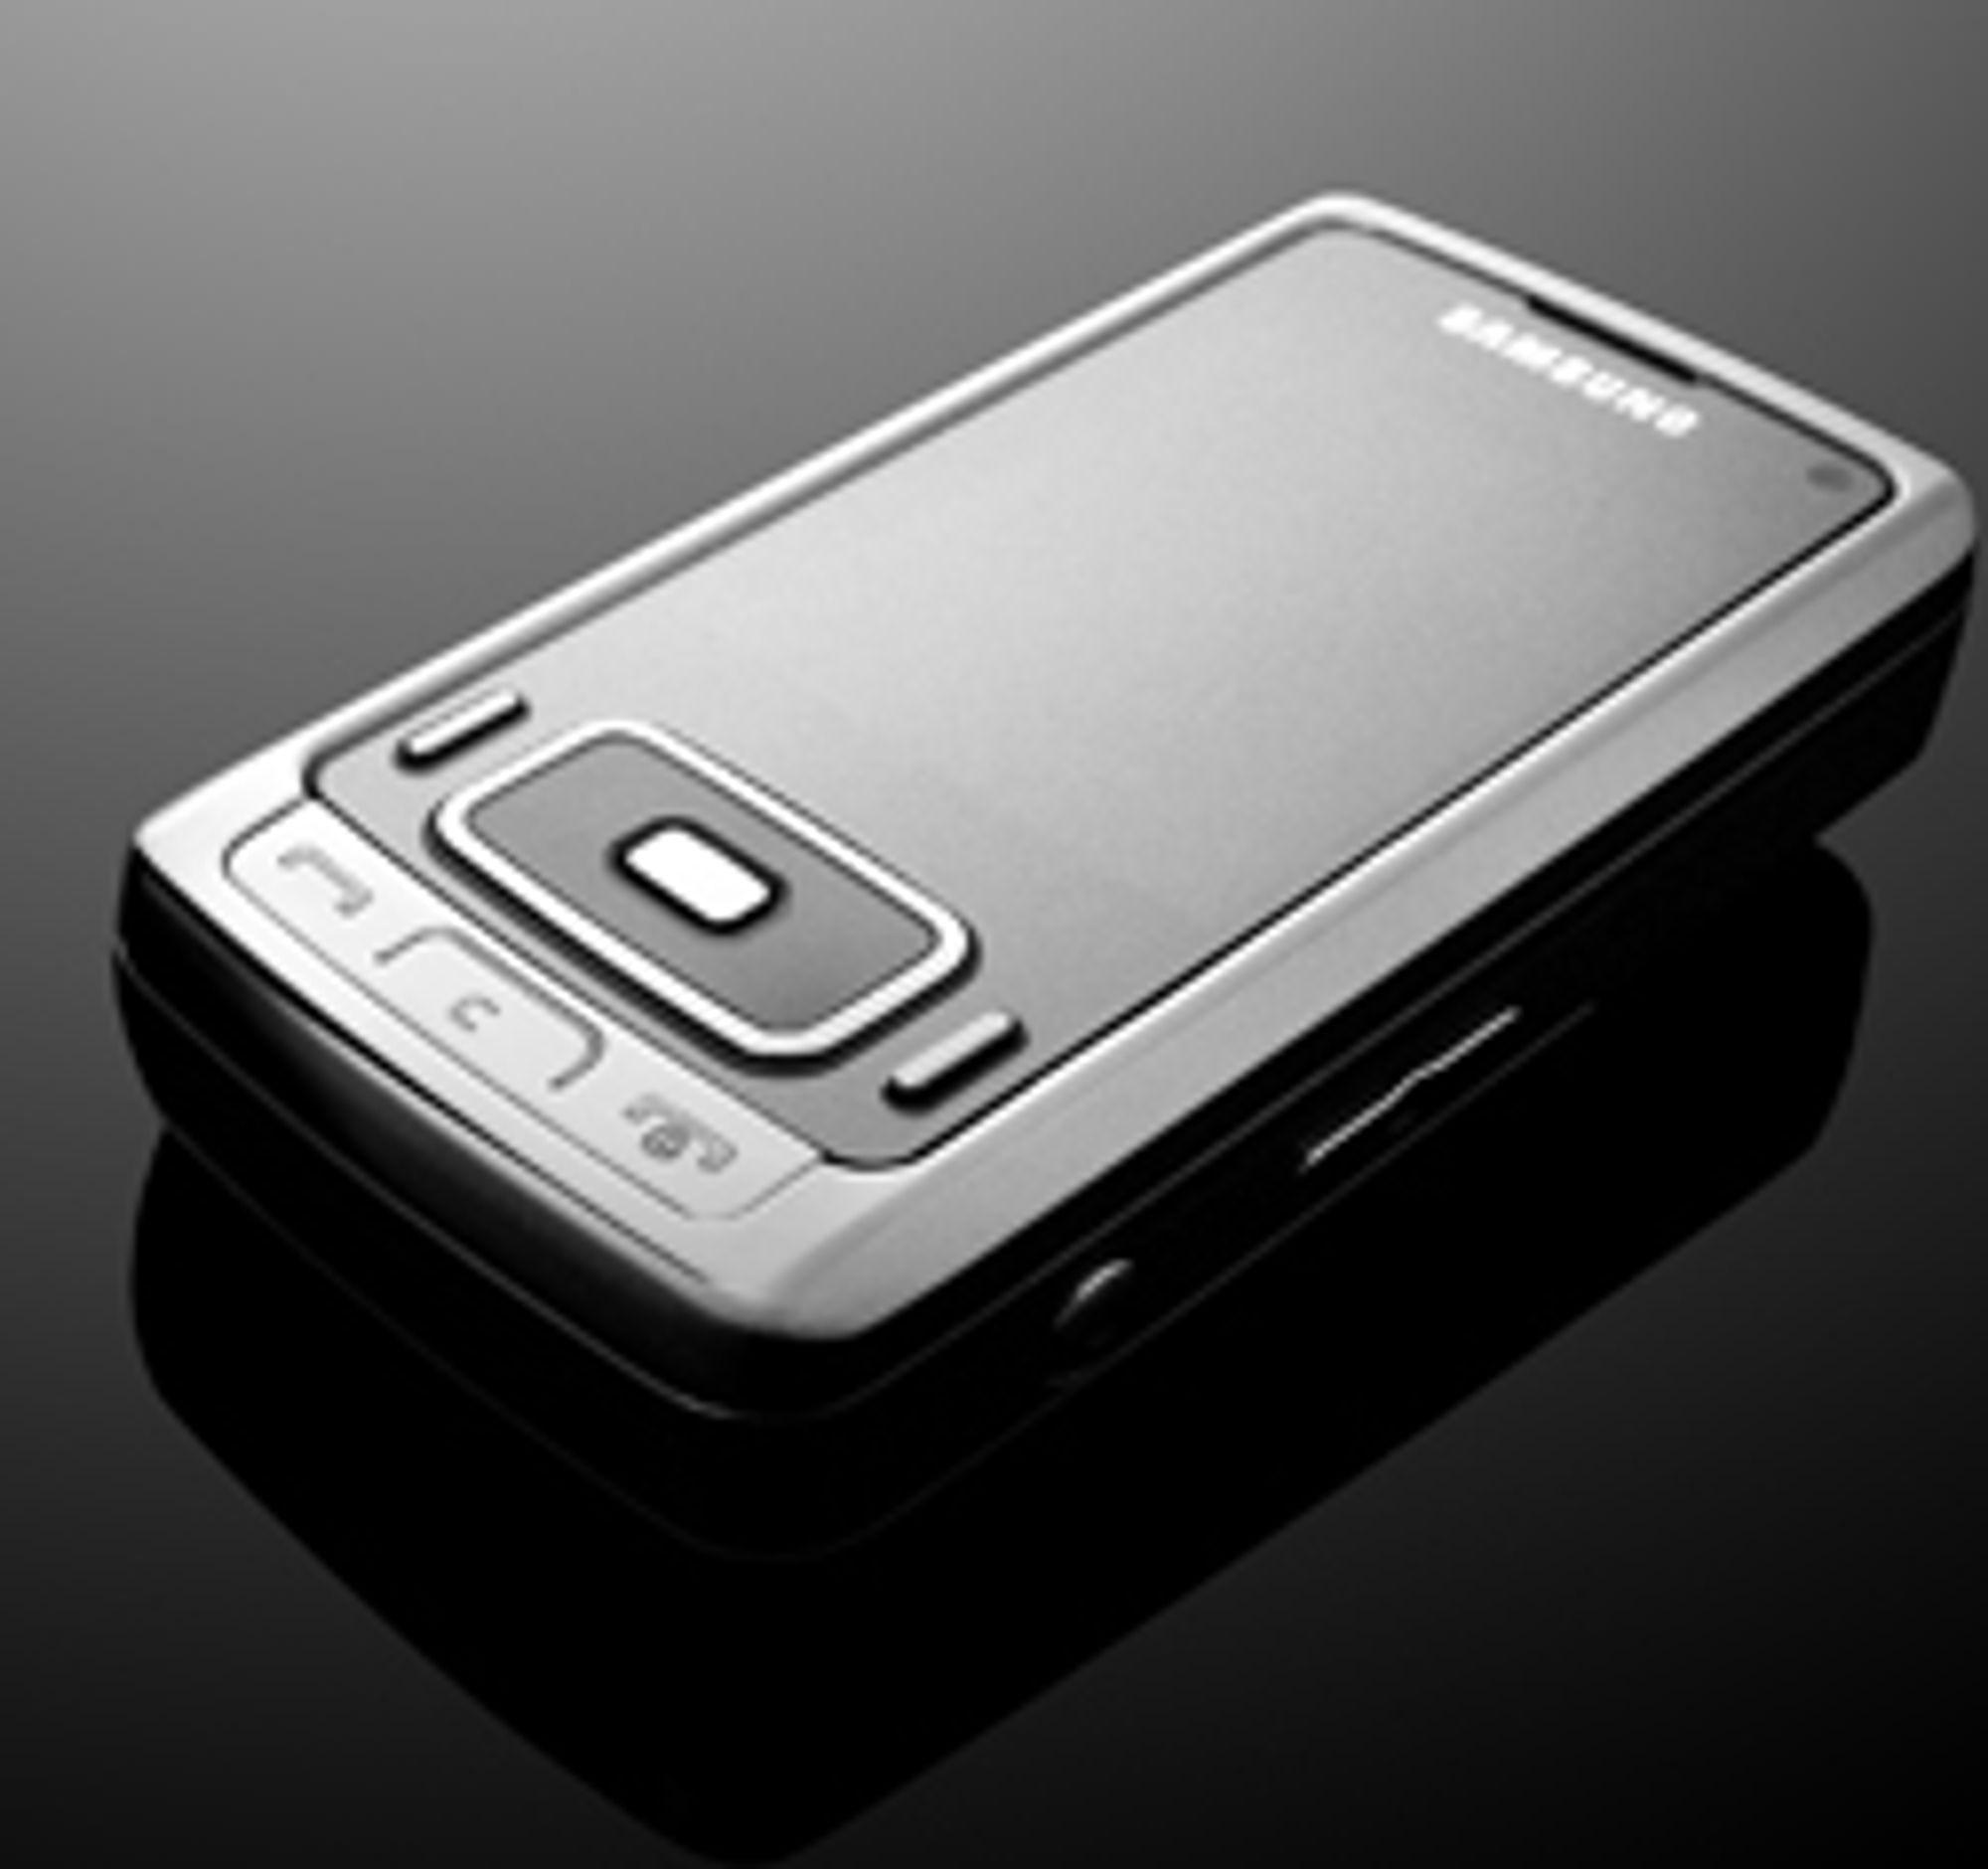 Telefonen er laget i metall.